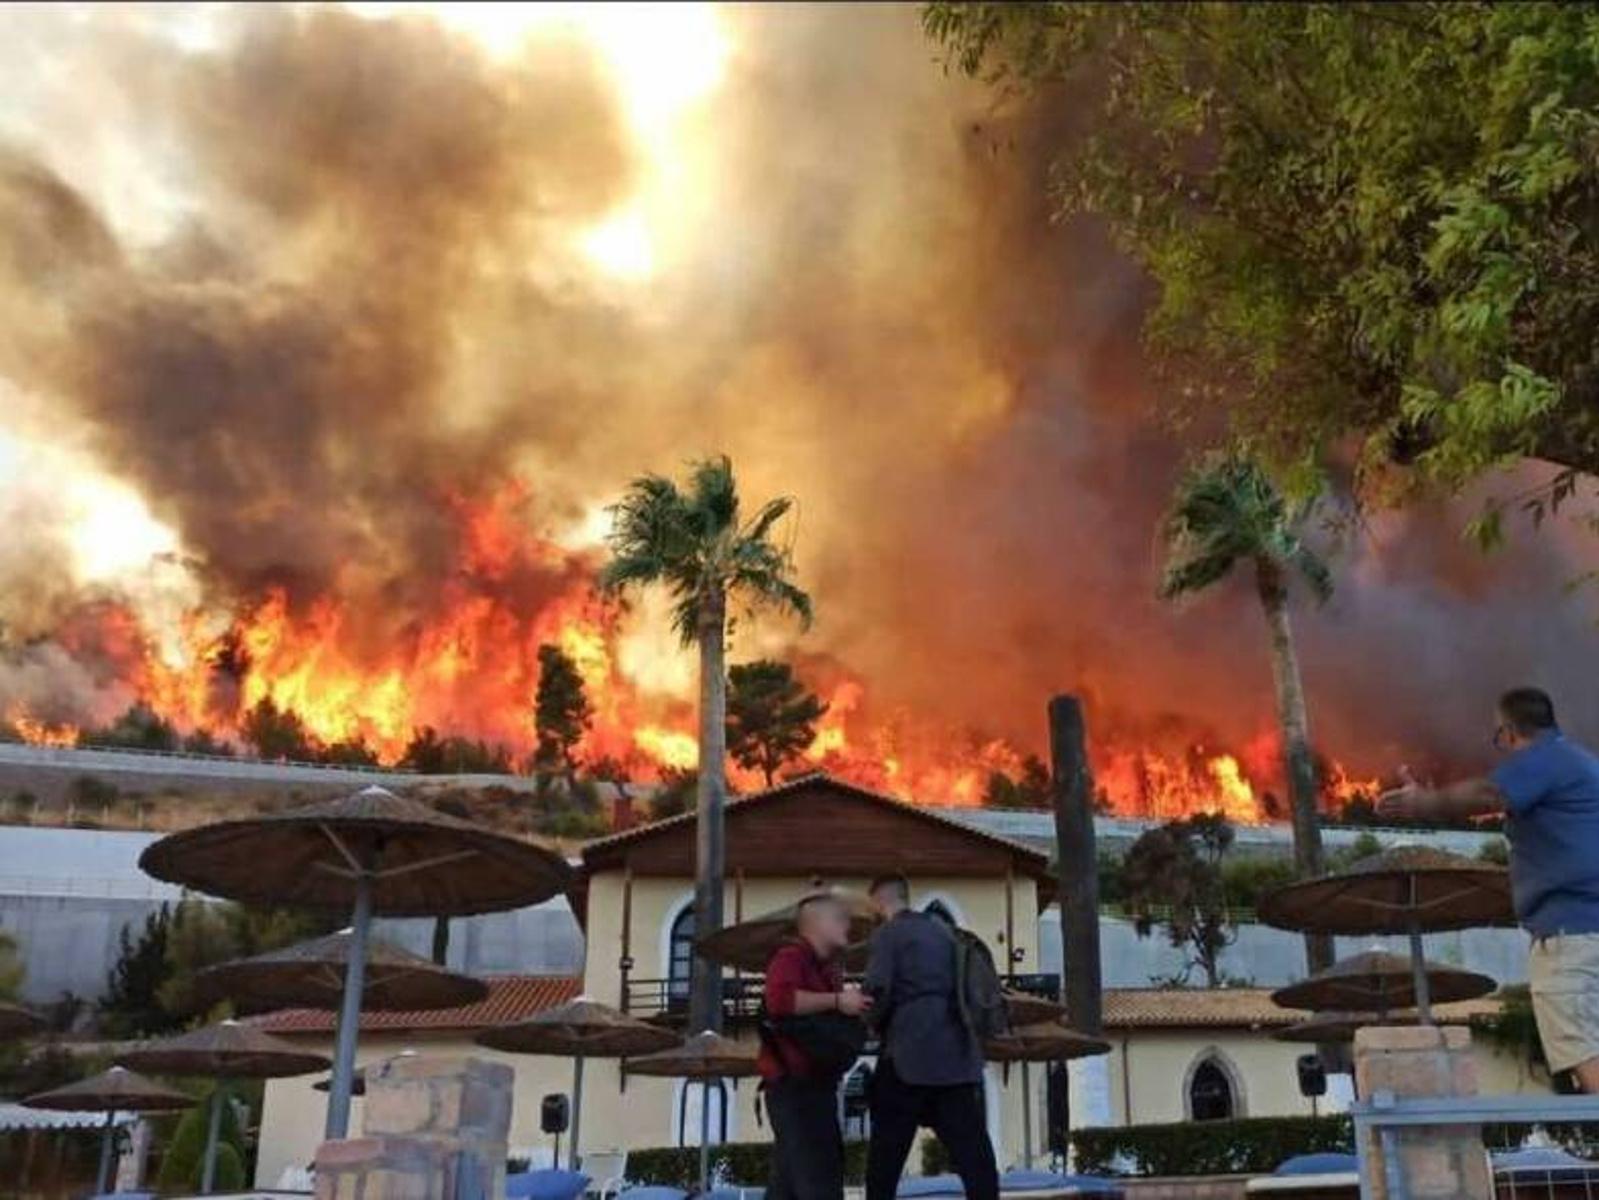 Φωτιά στην Αχαΐα: Δύσκολη μάχη με τις φλόγες – Εκκενώνεται και ο Λόγγος, κάηκαν σπίτια